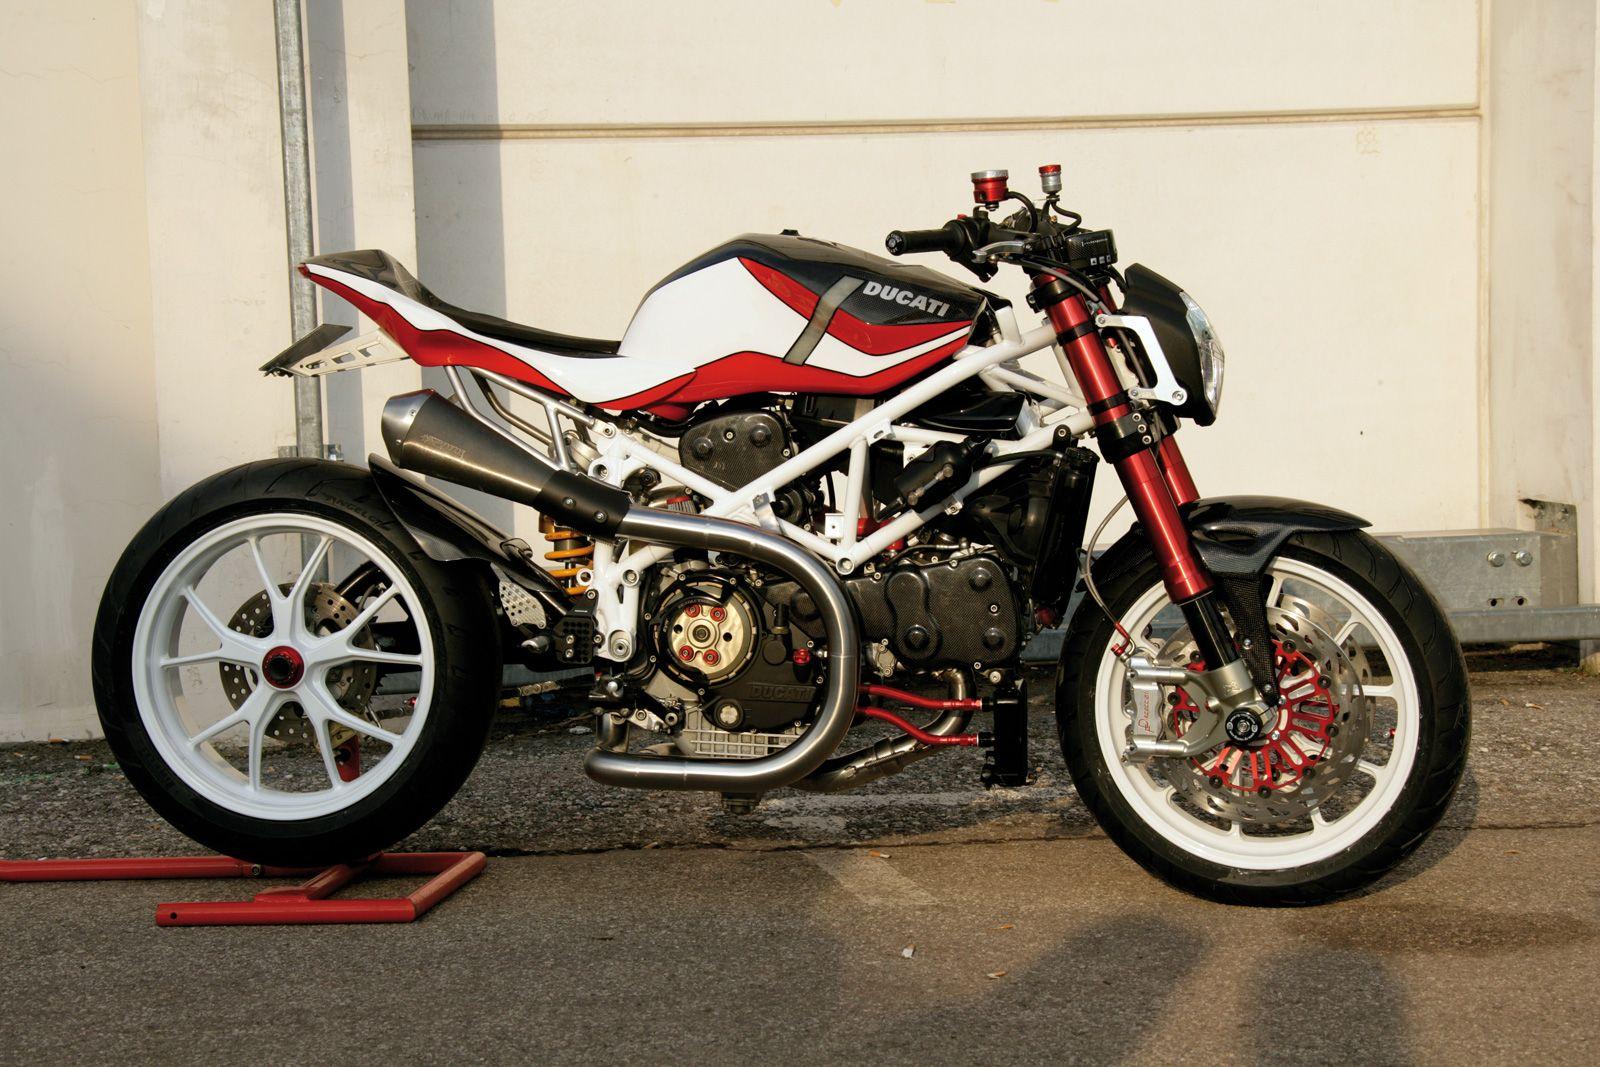 Pursang - Moto Tuning com | Ducati | Moto ducati, Motorcycle, Ducati